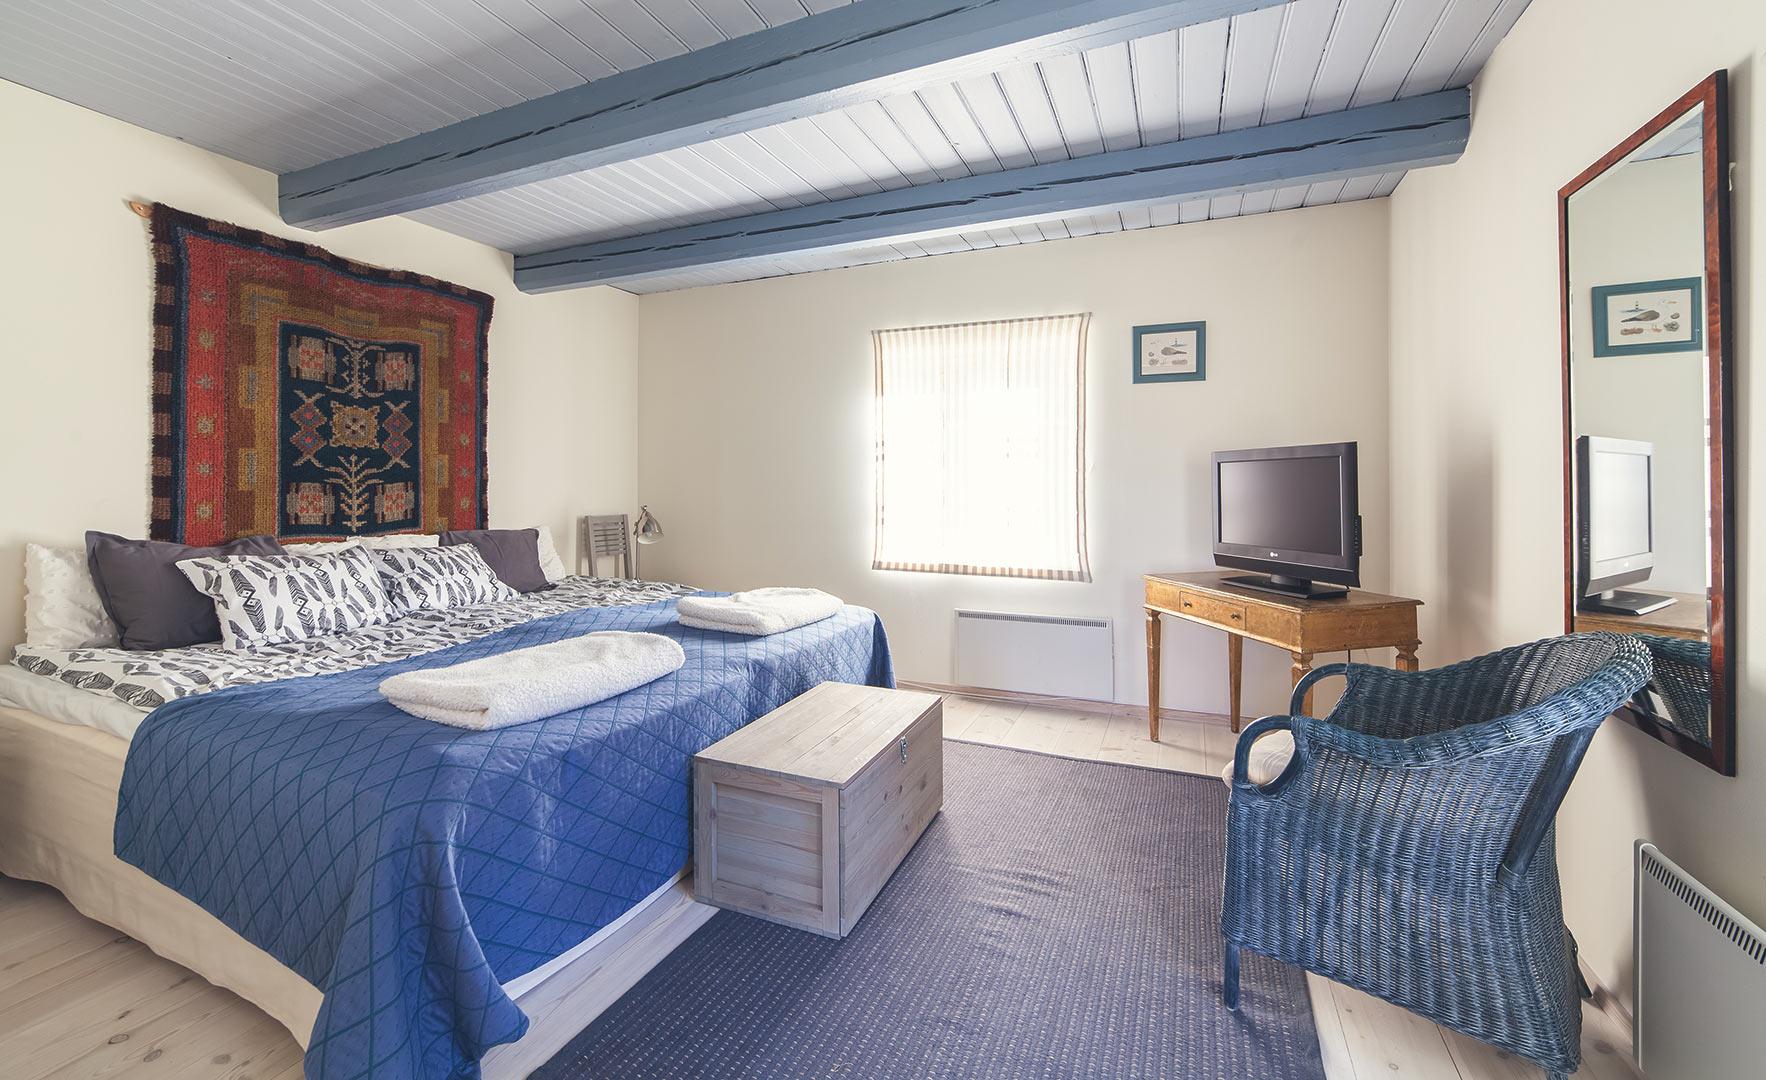 Villa Saariston makuuhuone